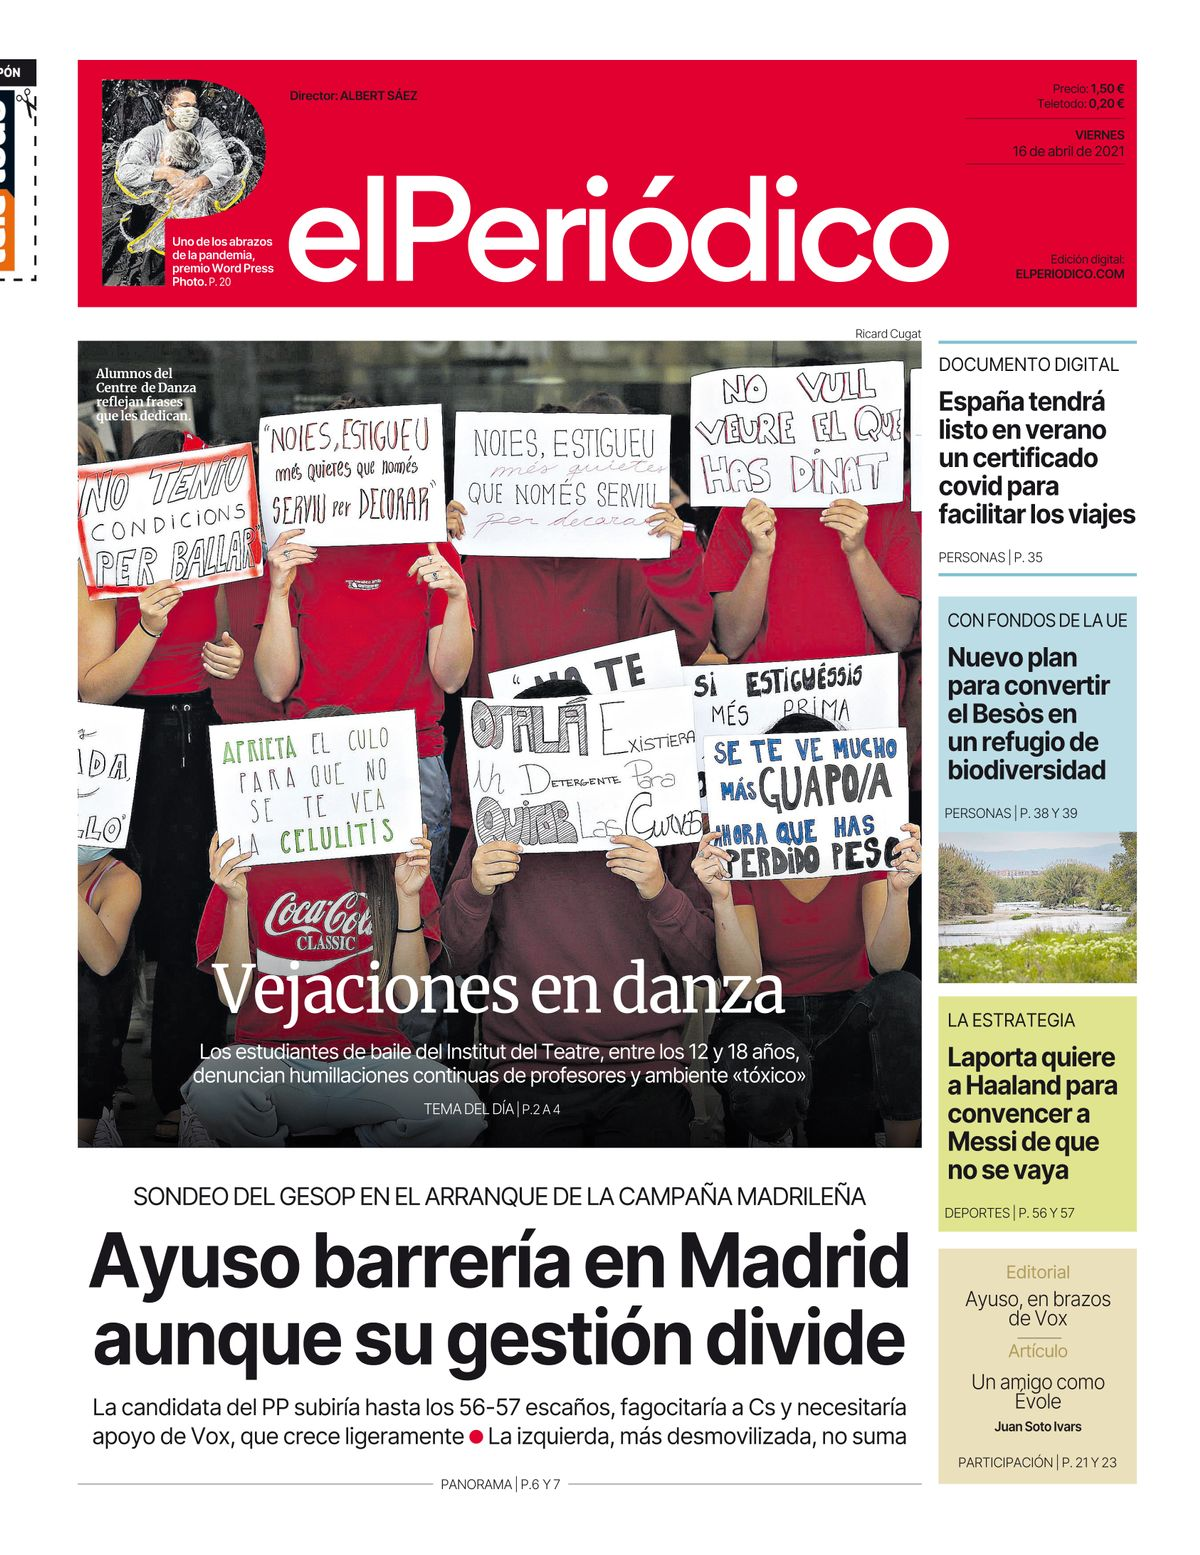 La portada de EL PERIÓDICO del 16 de abril del 2021